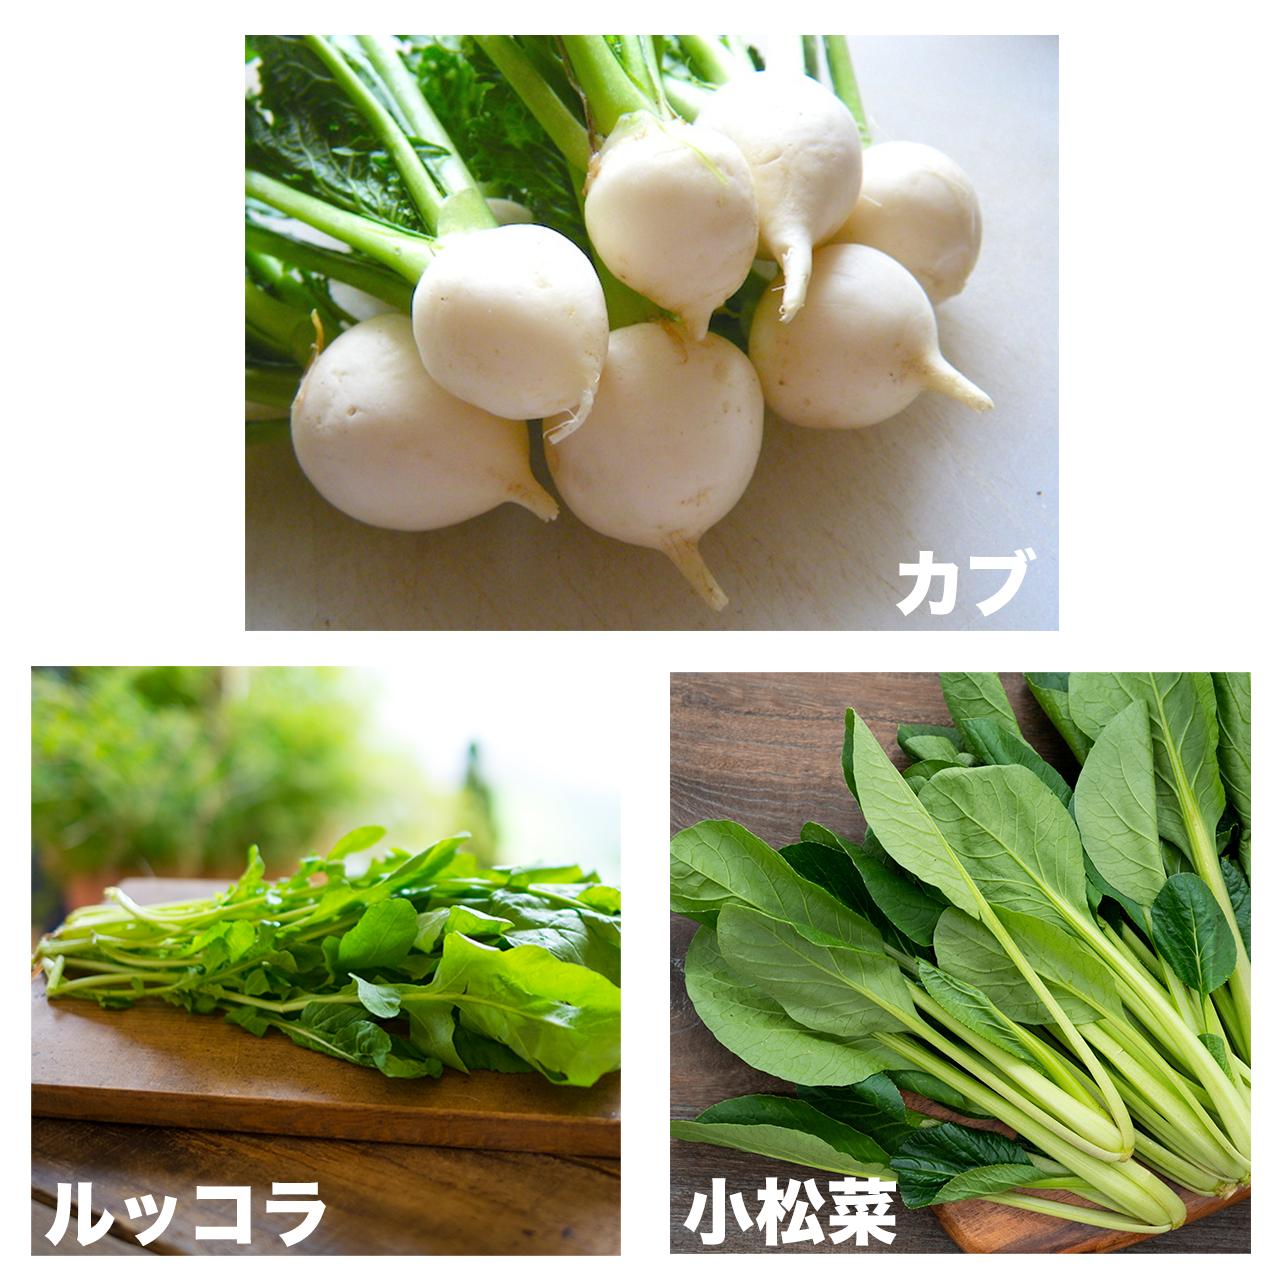 【お得!】セットプラン⑤(カブ・ルッコラ・小松菜)